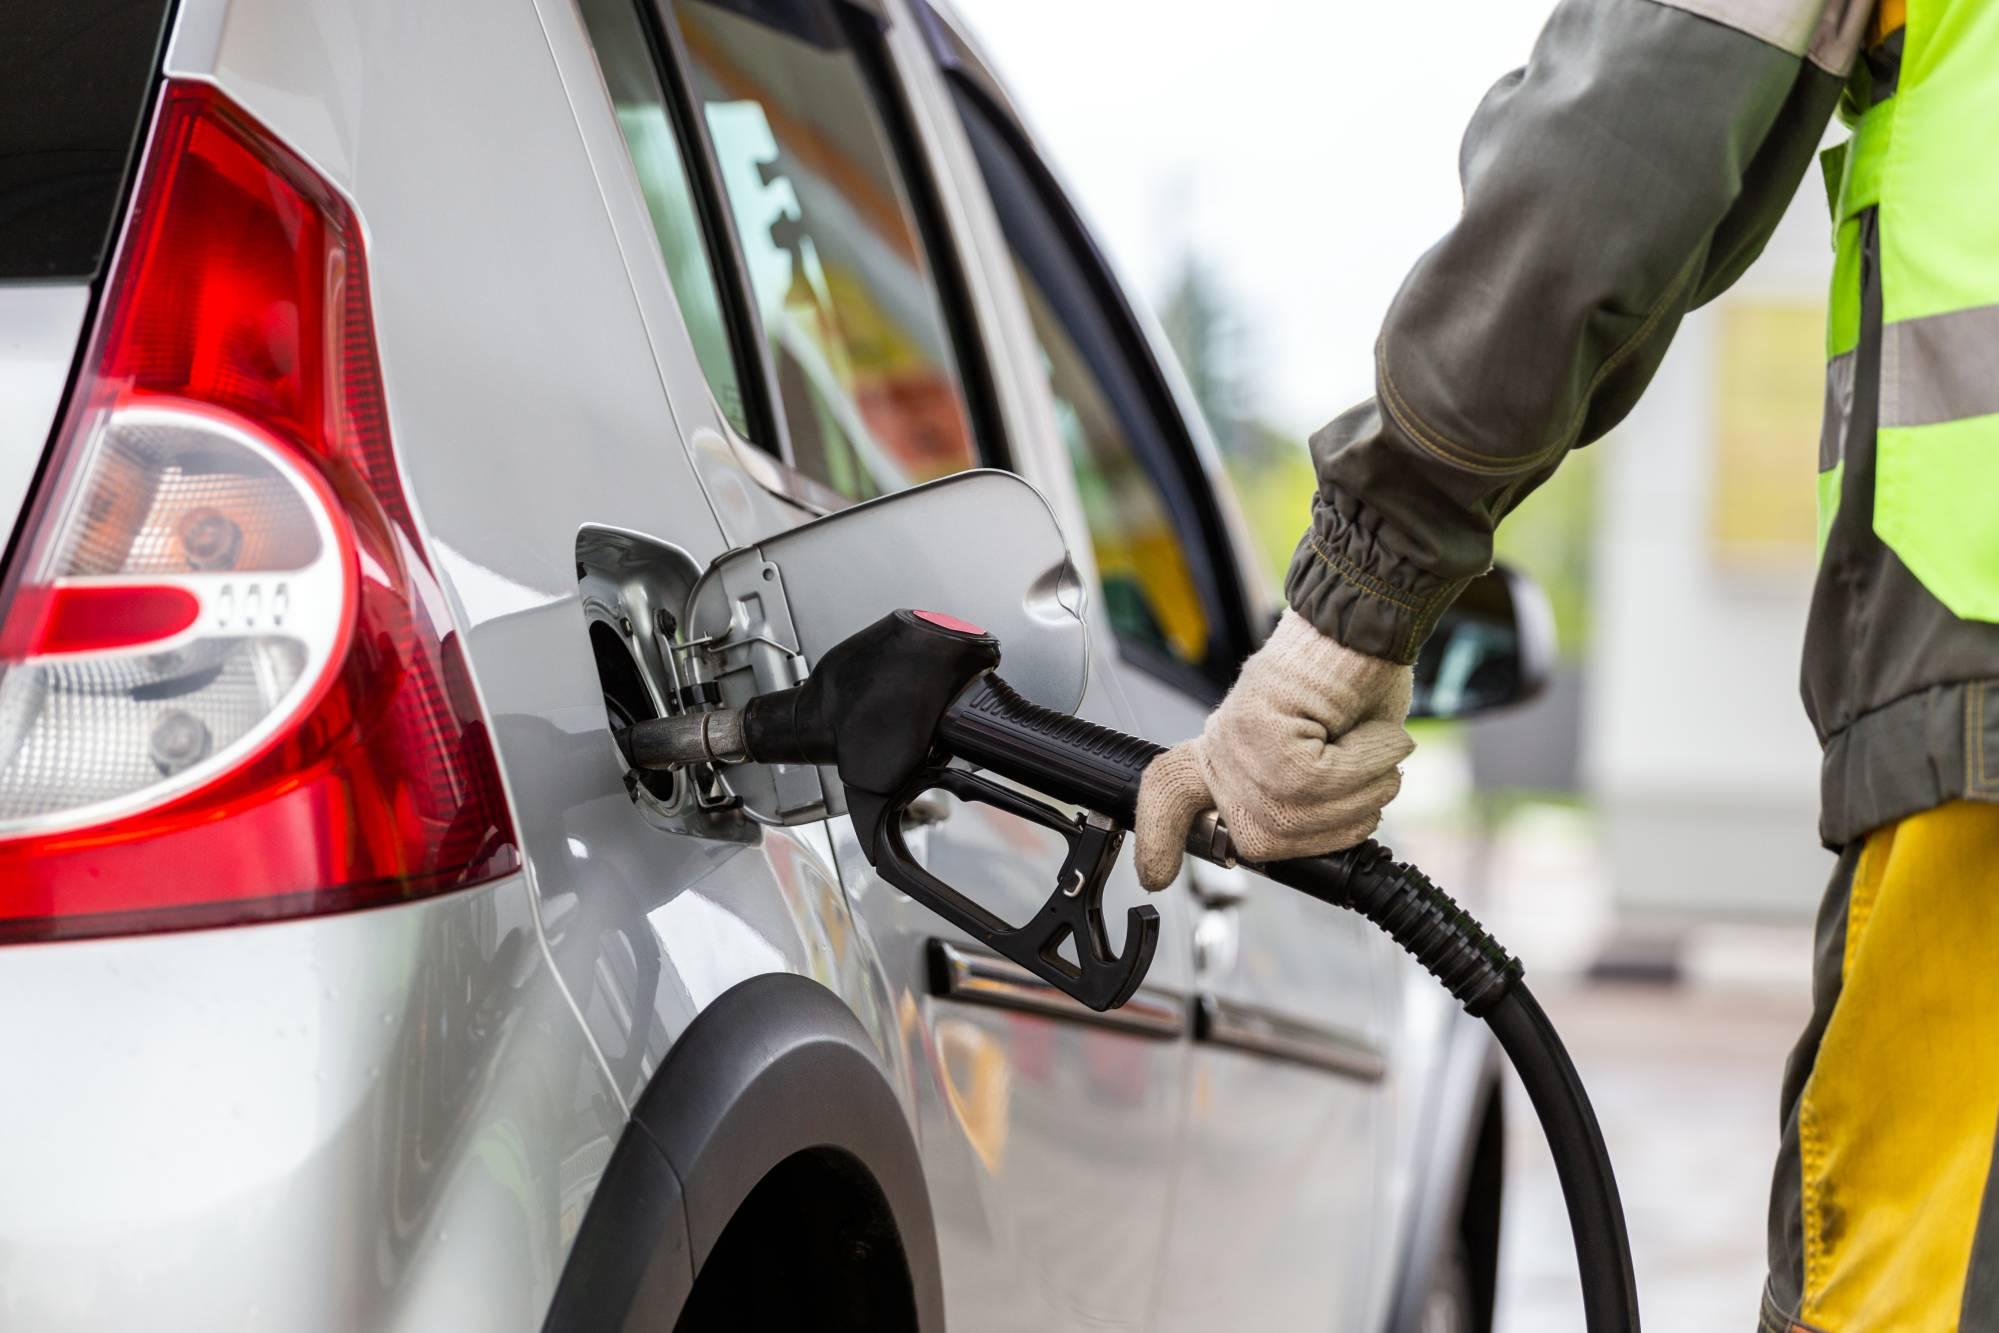 vales-de-gasolina-vales-de-combustible-compra-en-linea-jpg